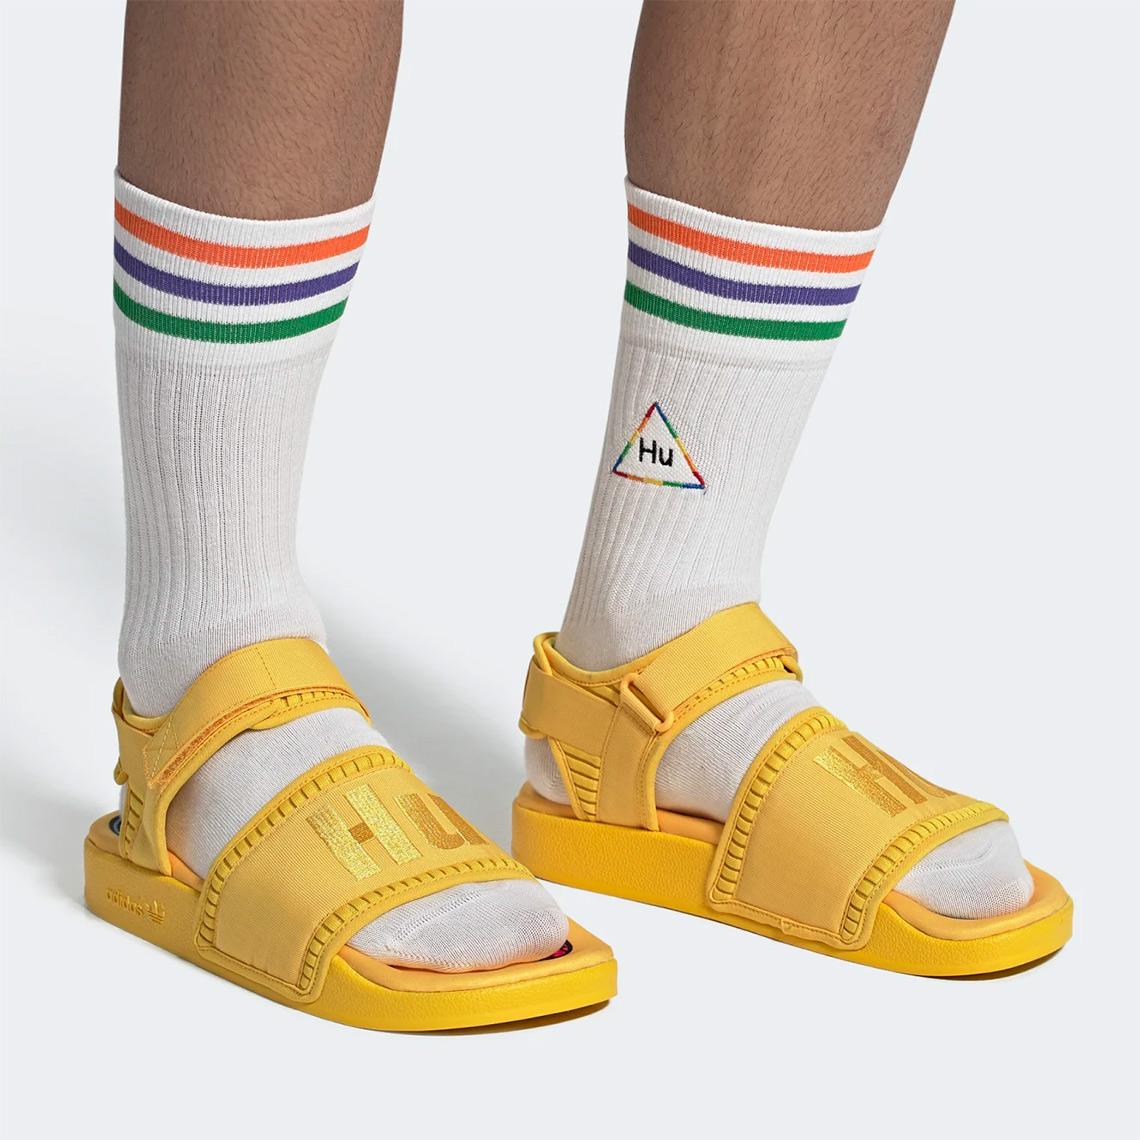 Pharrell adidas Adilette 2.0 Sandals Hu